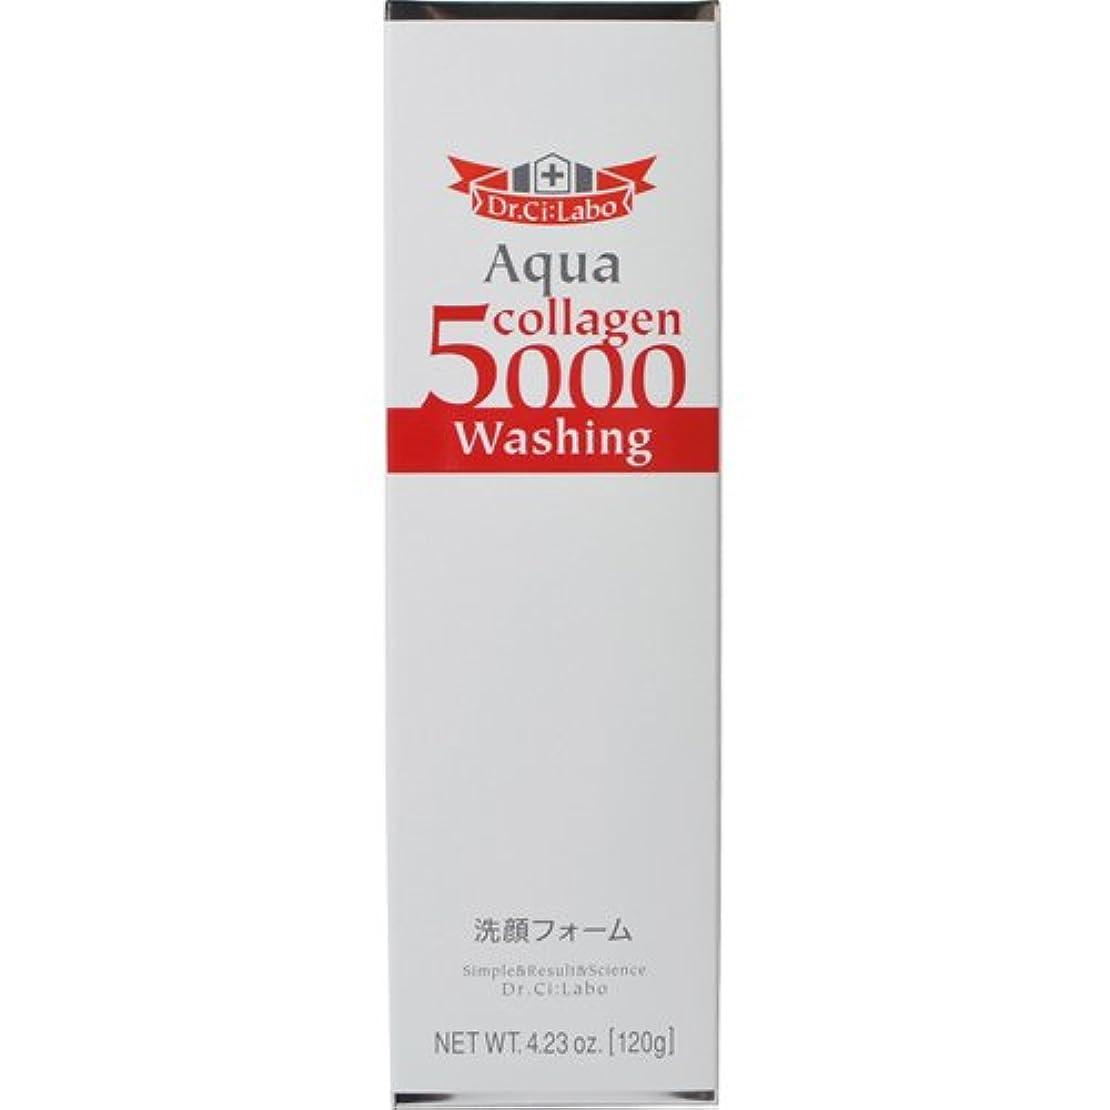 ワークショップ湿った受信ドクターシーラボ アクアコラーゲンウォッシング5000 120g